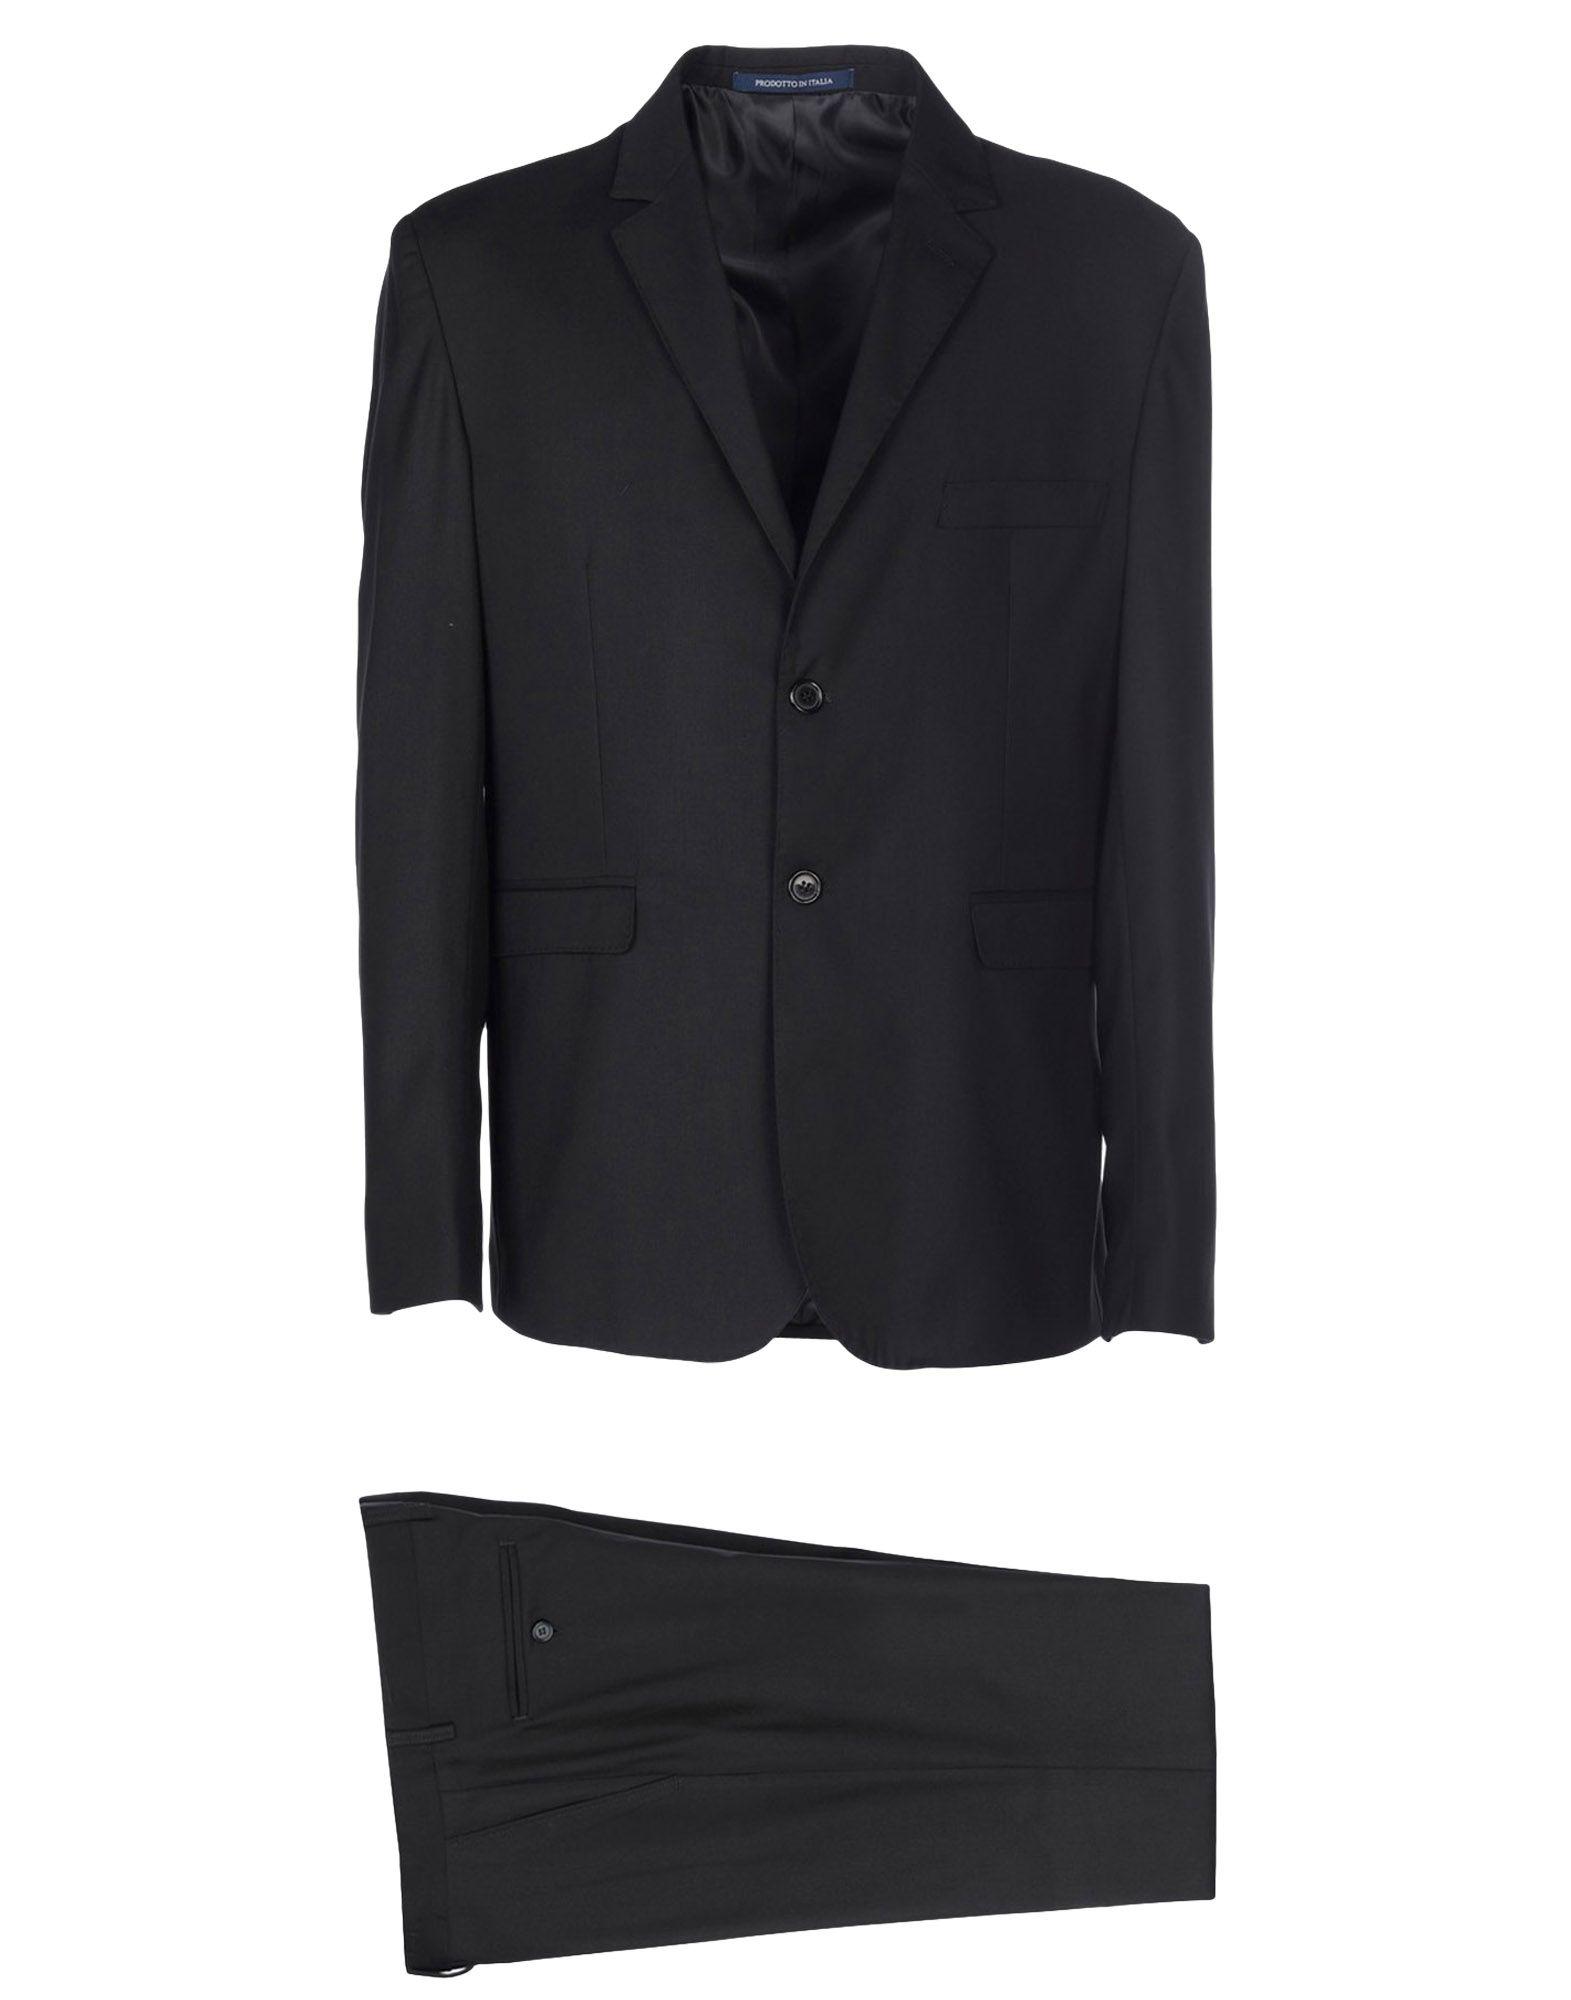 《送料無料》DE BOTTIS Sartoria Italiana メンズ スーツ ブラック 48 ウール 100%